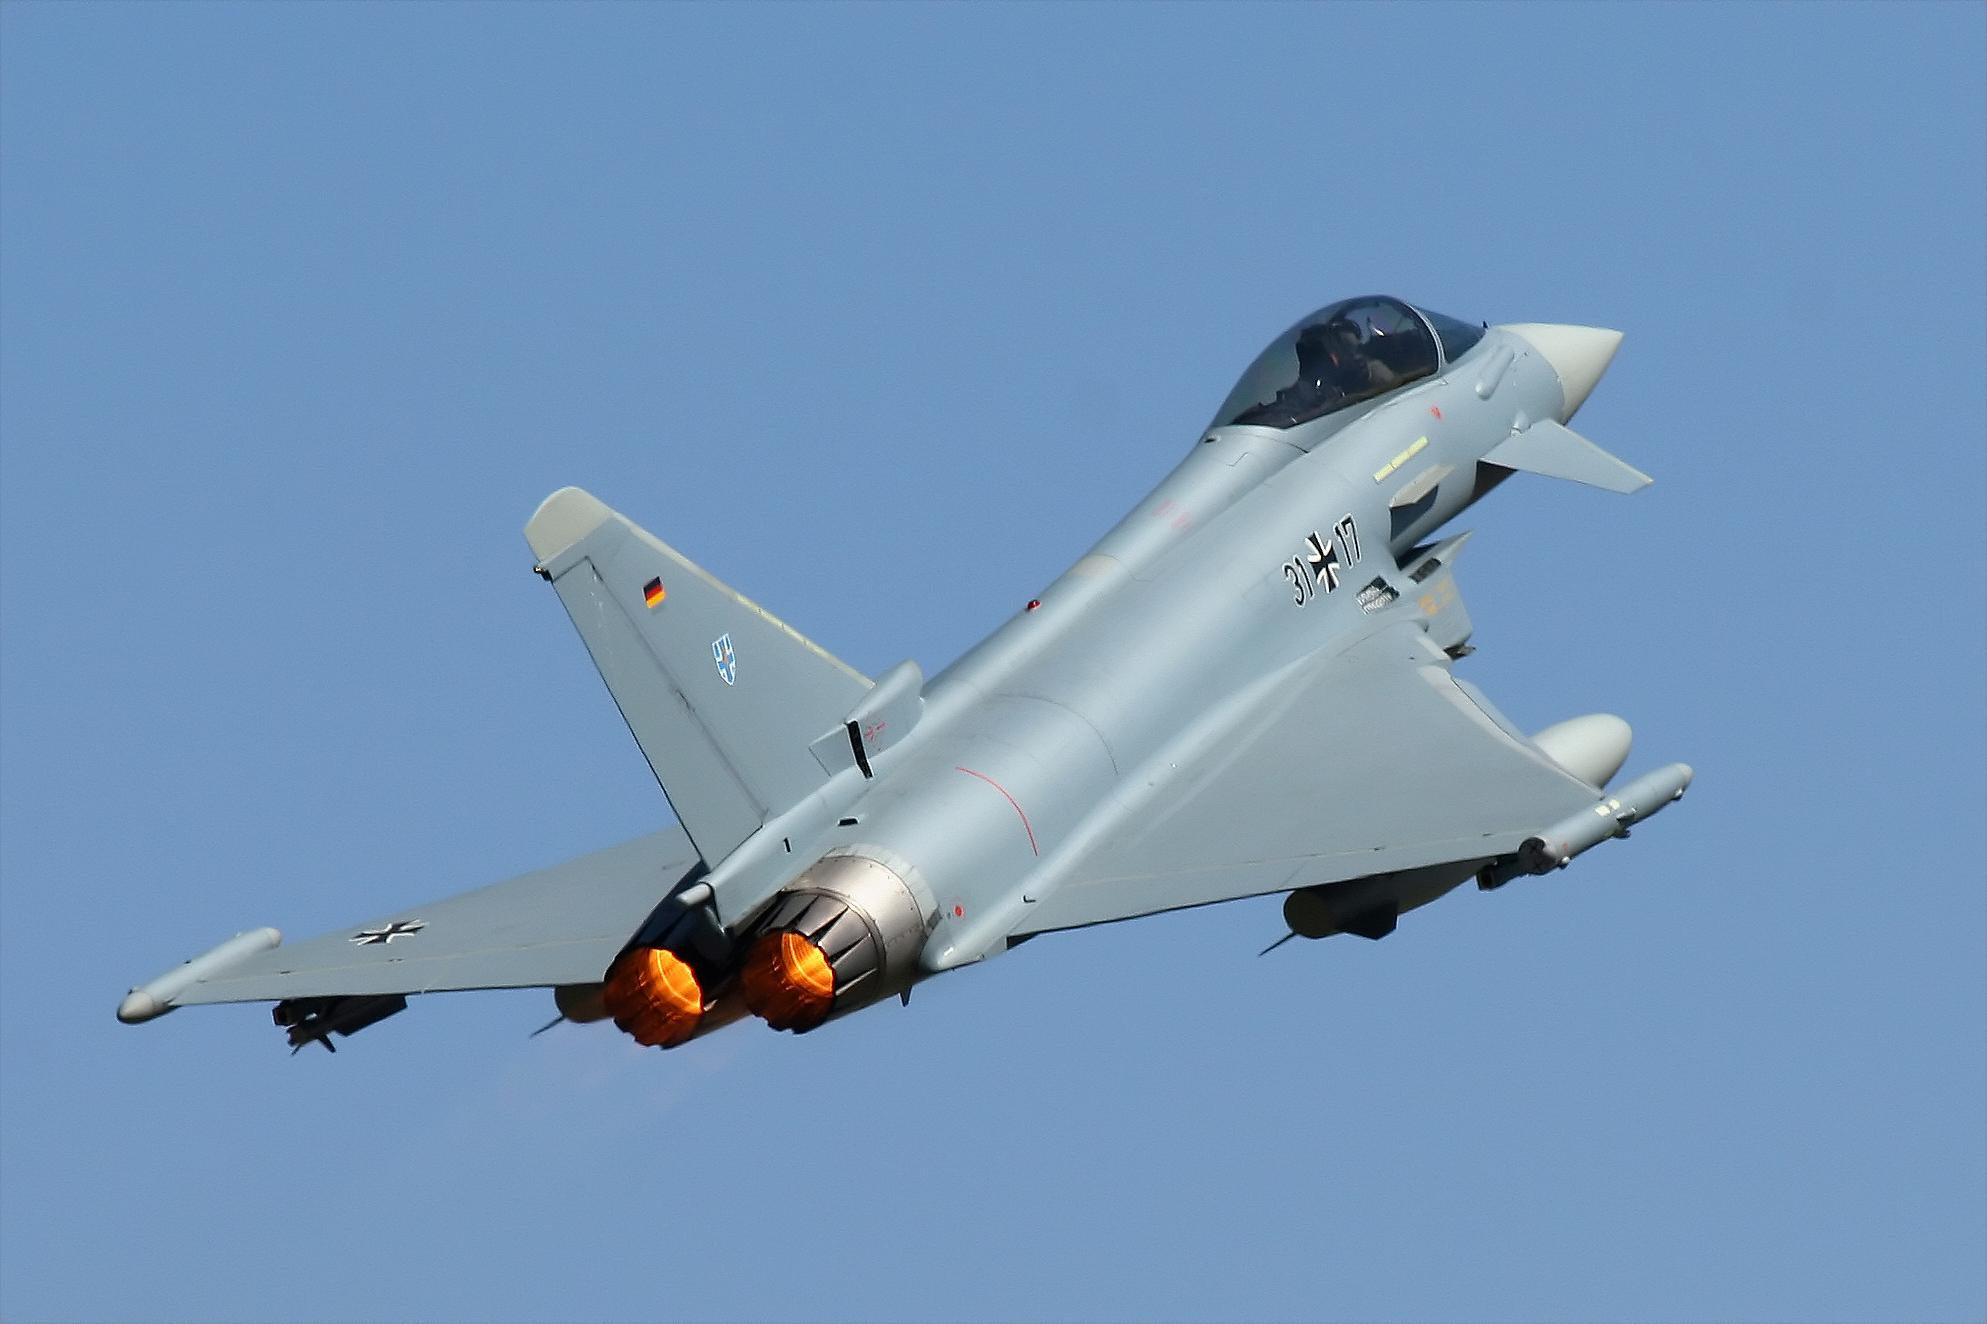 Défaut majeur de fabrication détecté sur l'Eurofighter.